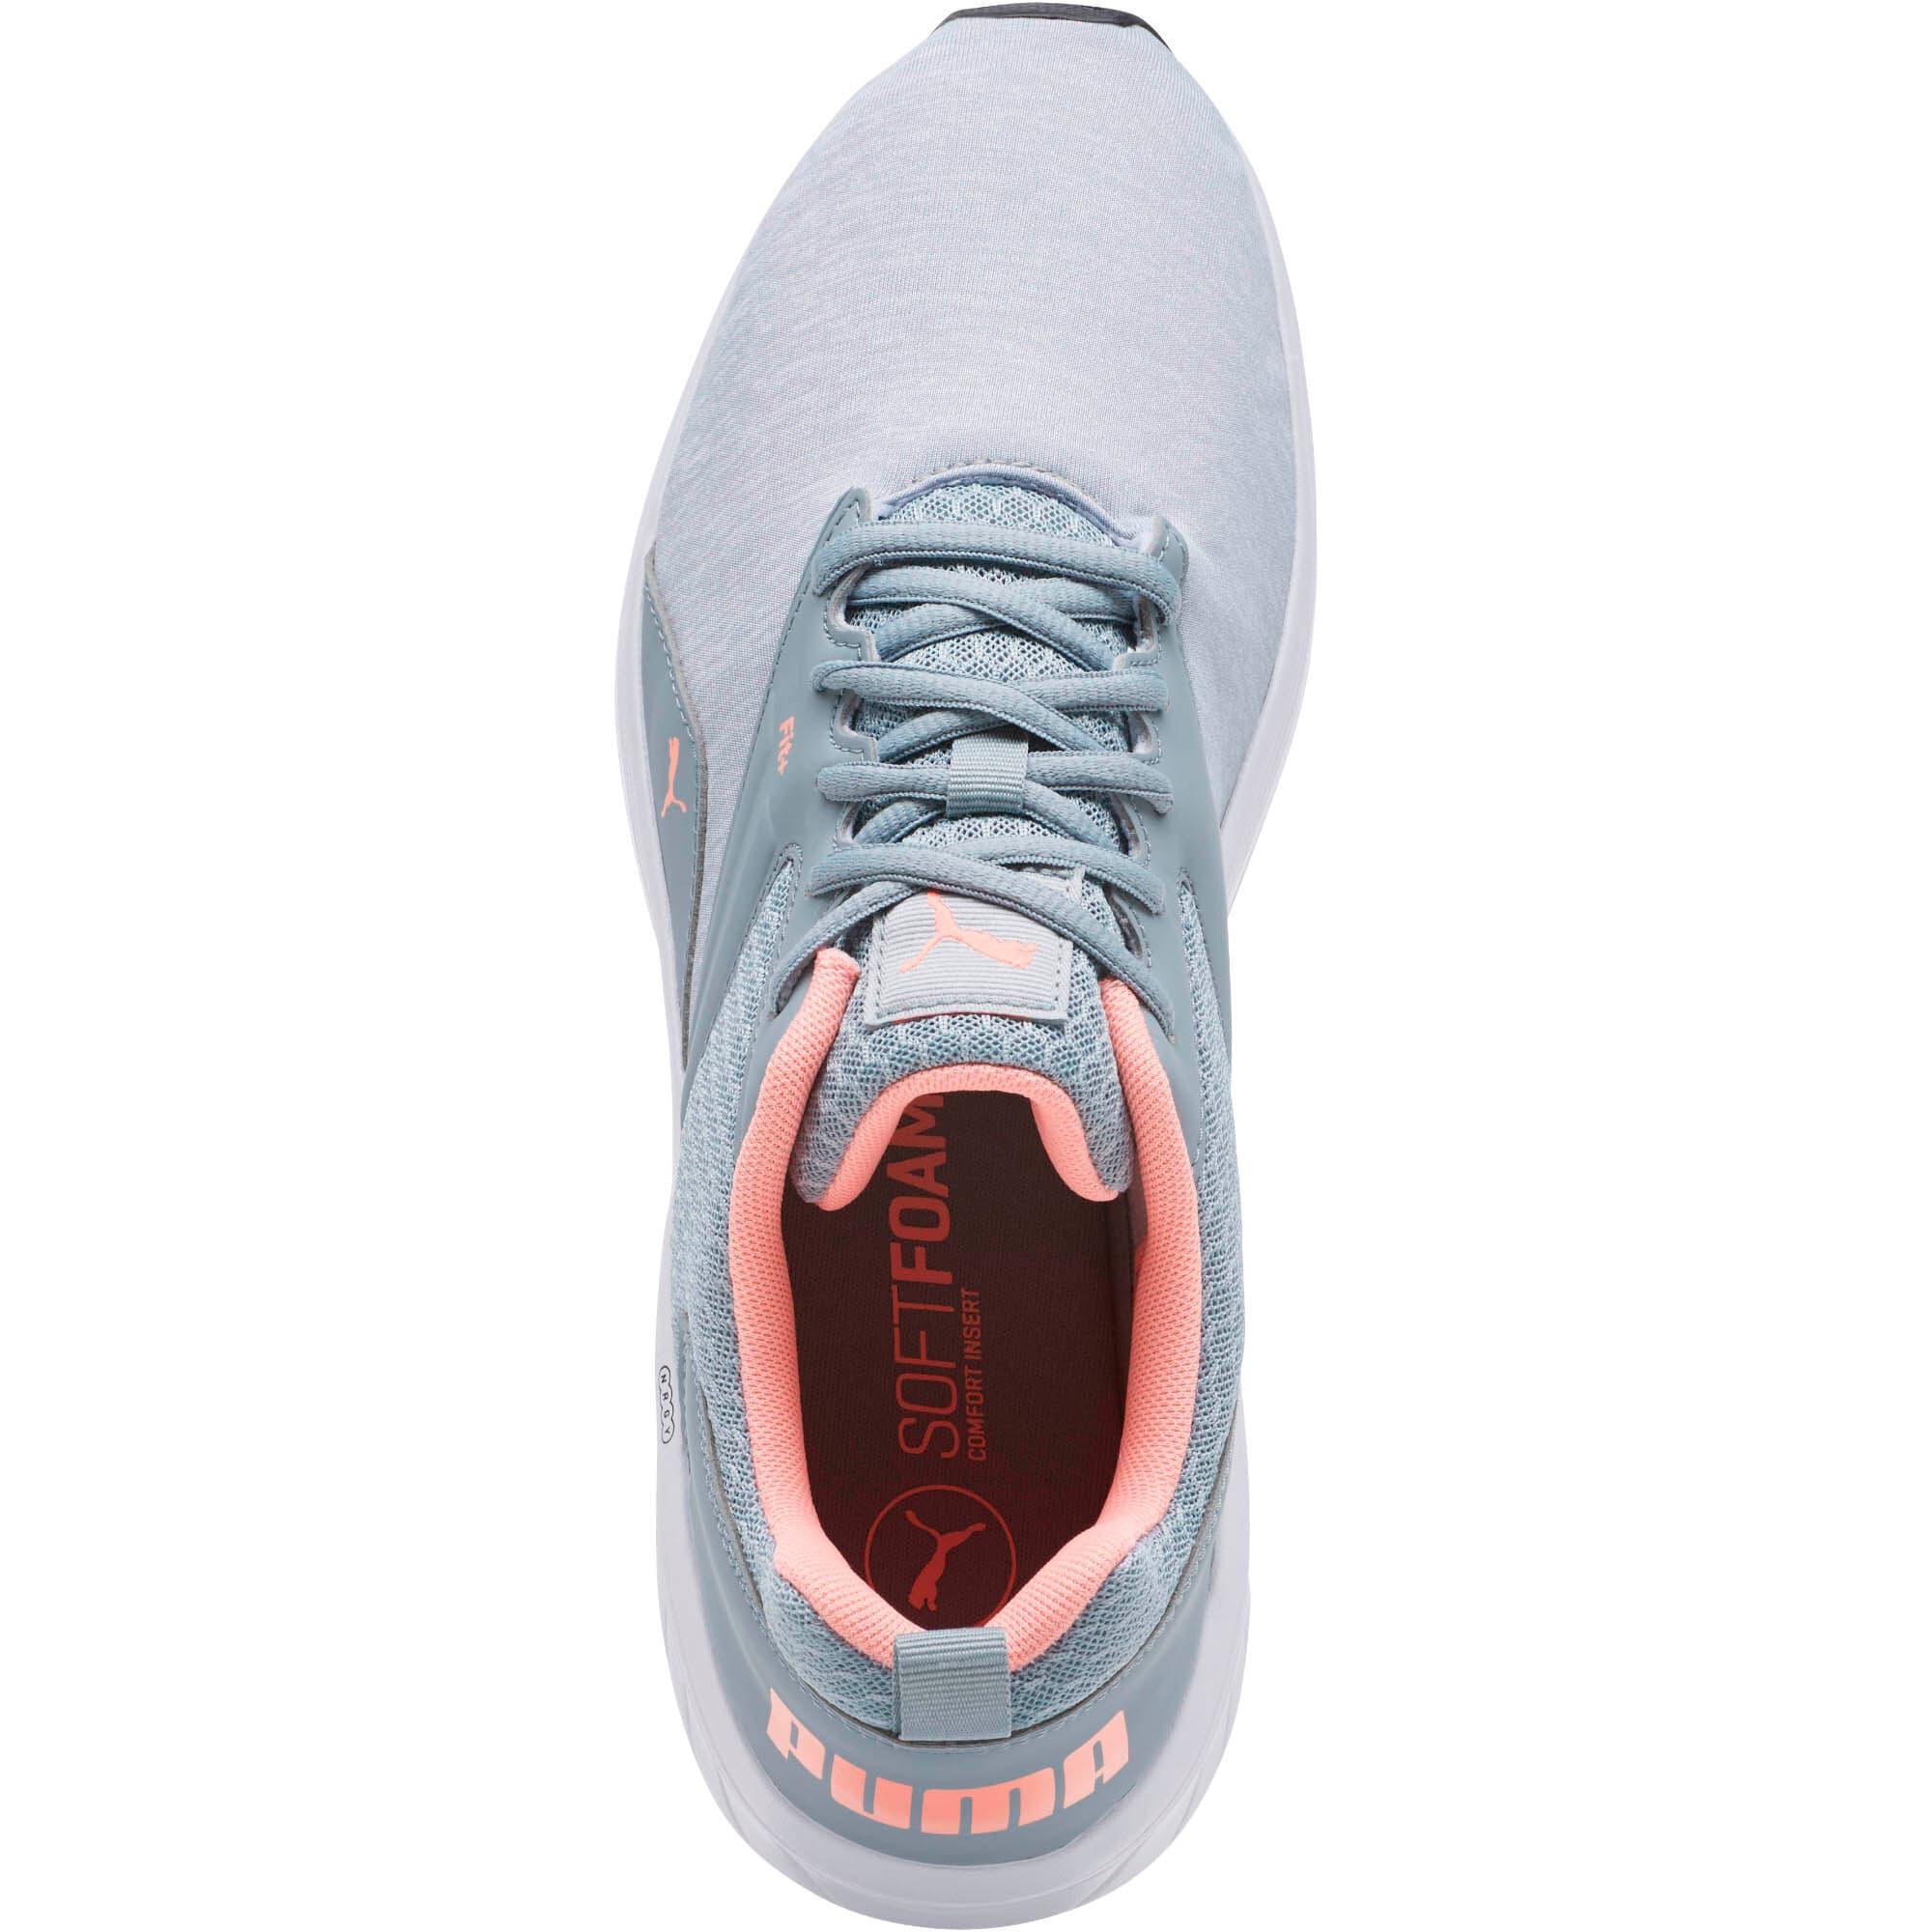 Miniatura 5 de Zapatos para correr NRGY Comet, Quarry-Soft Fluo Peach, mediano